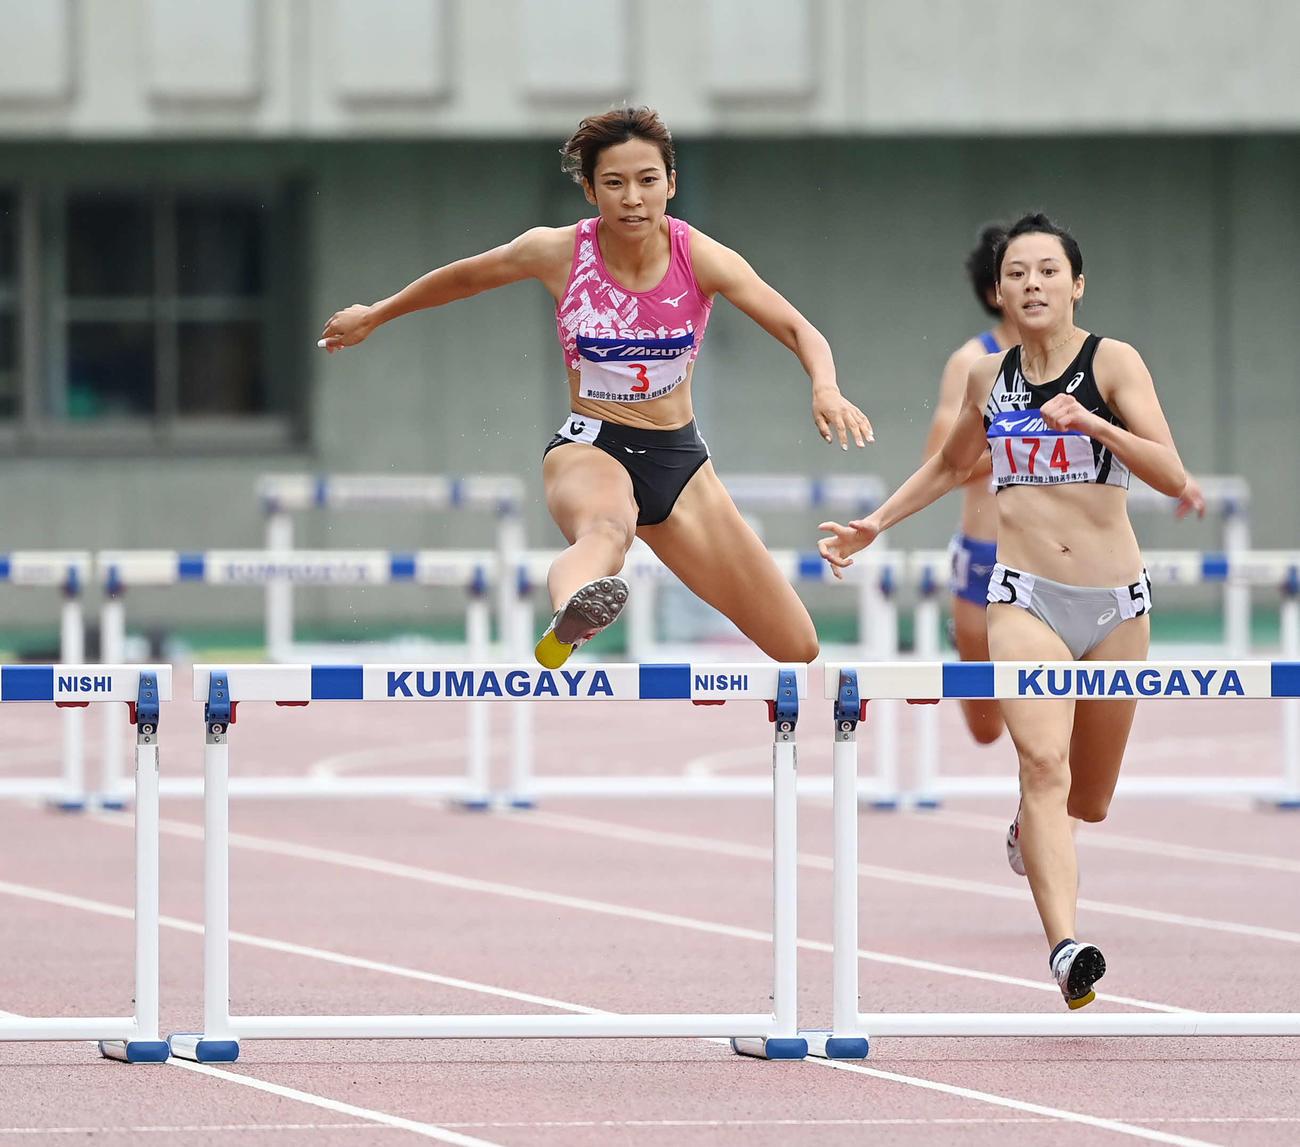 女子400メートル障害で優勝した宇都宮(左)(撮影・鈴木みどり)